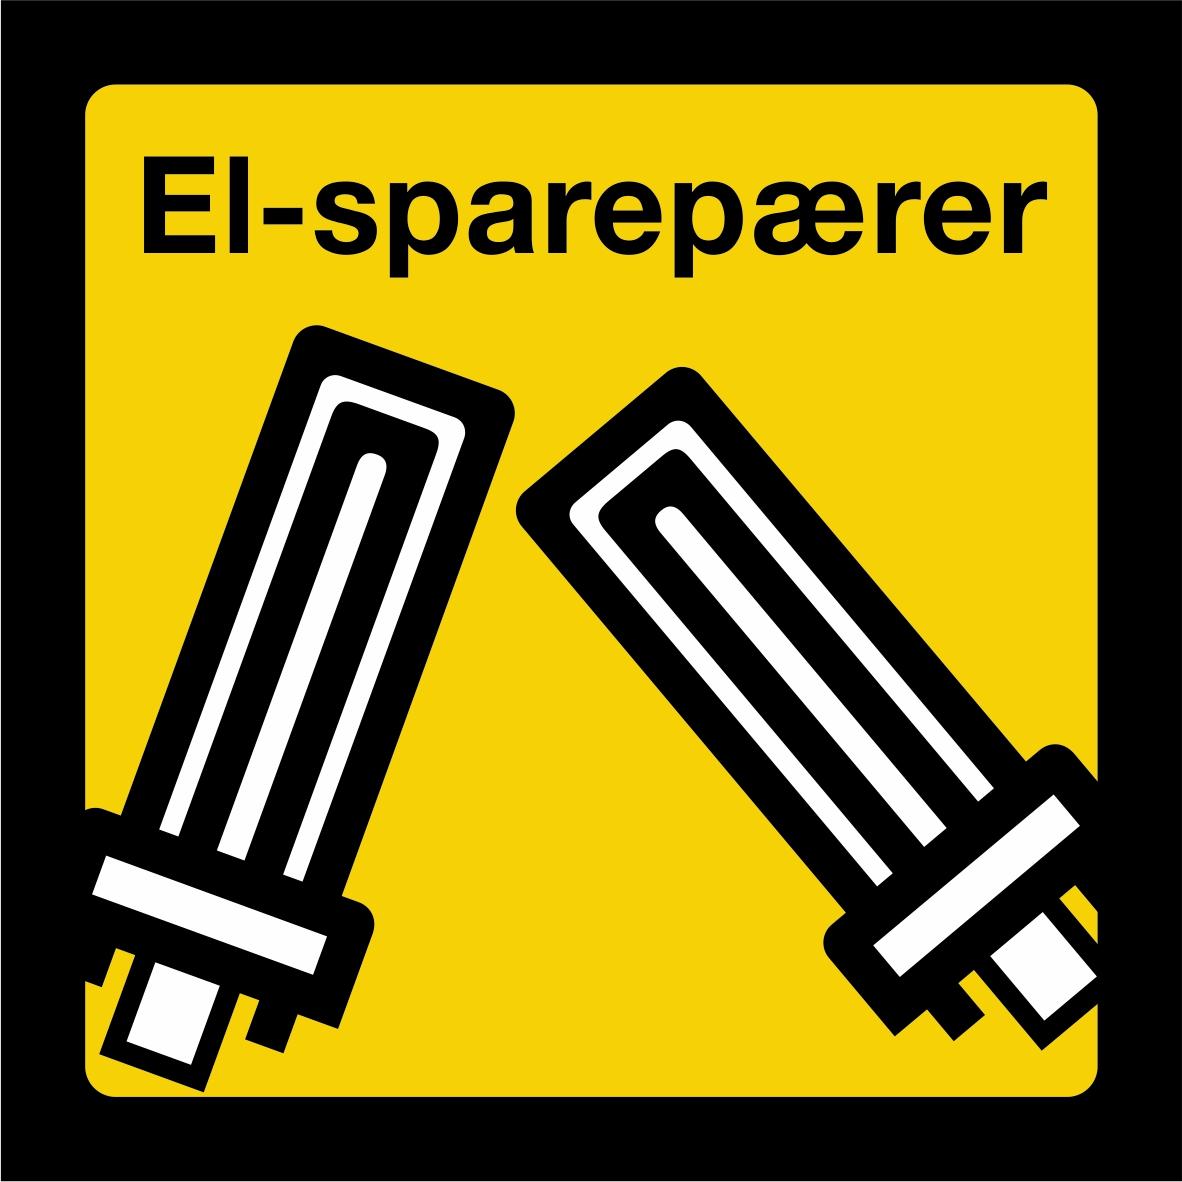 El-sparepærer